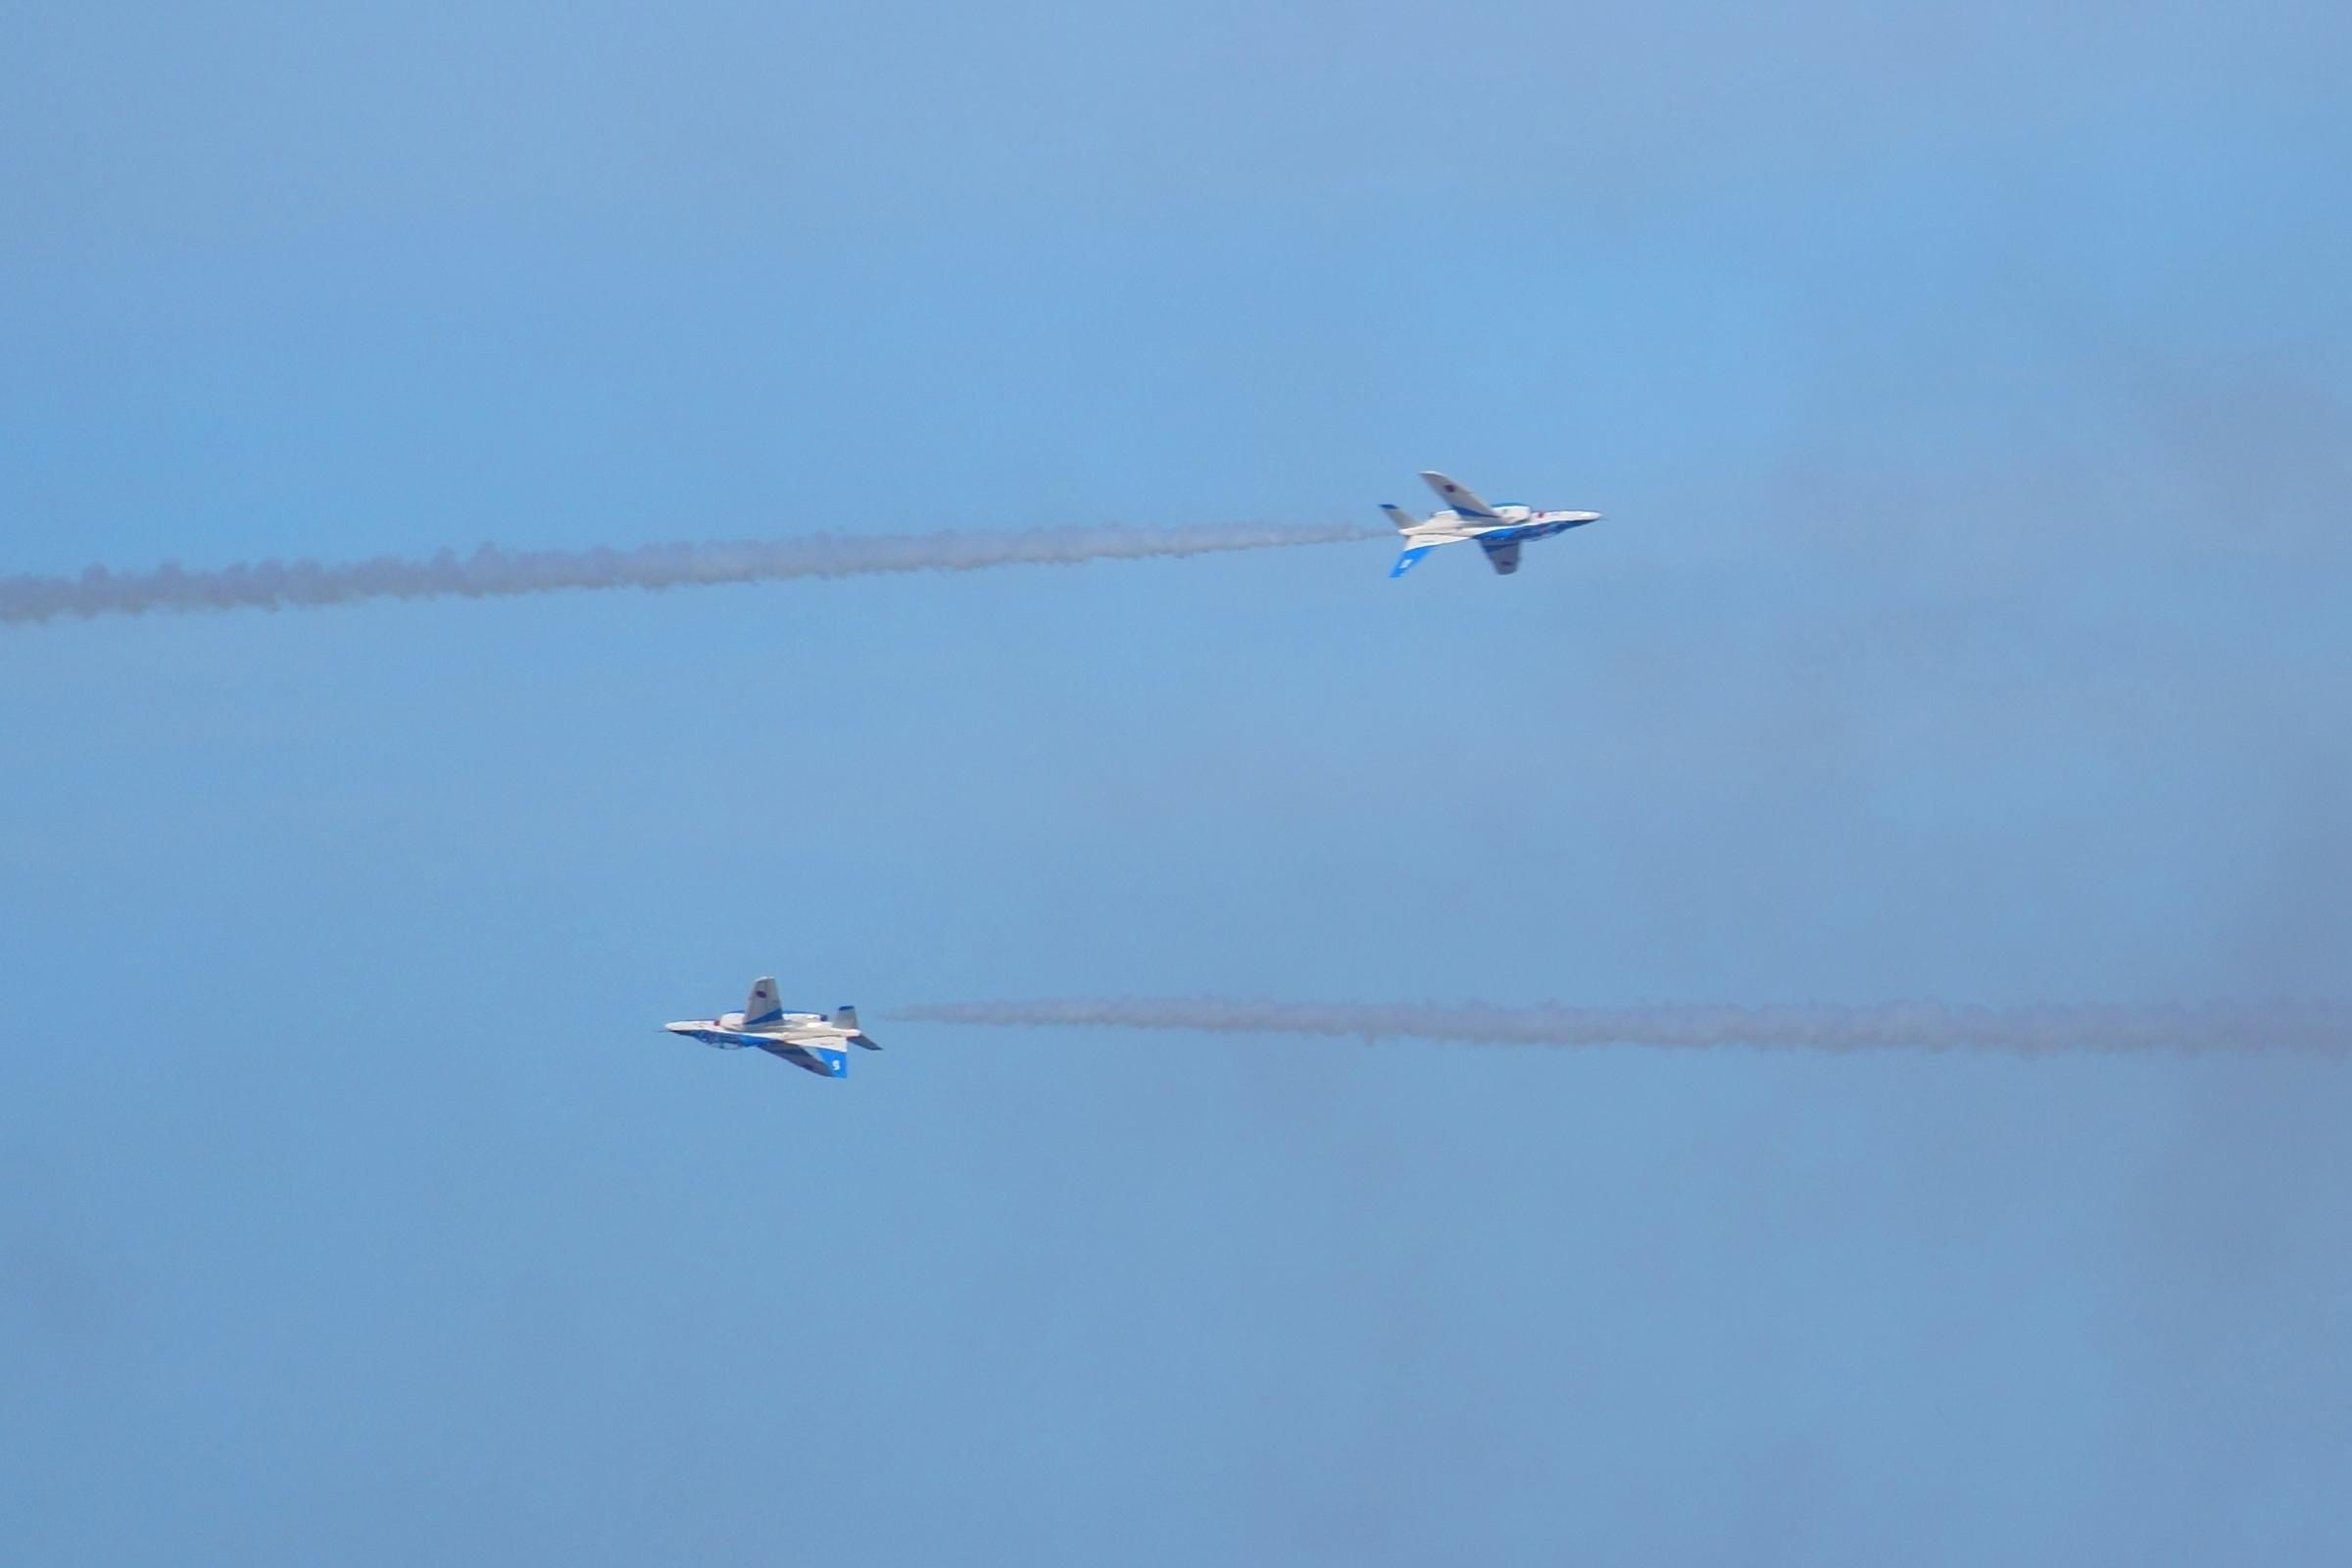 ブルーインパルスアクロバット飛行オポジットコンティニュアスロールその2